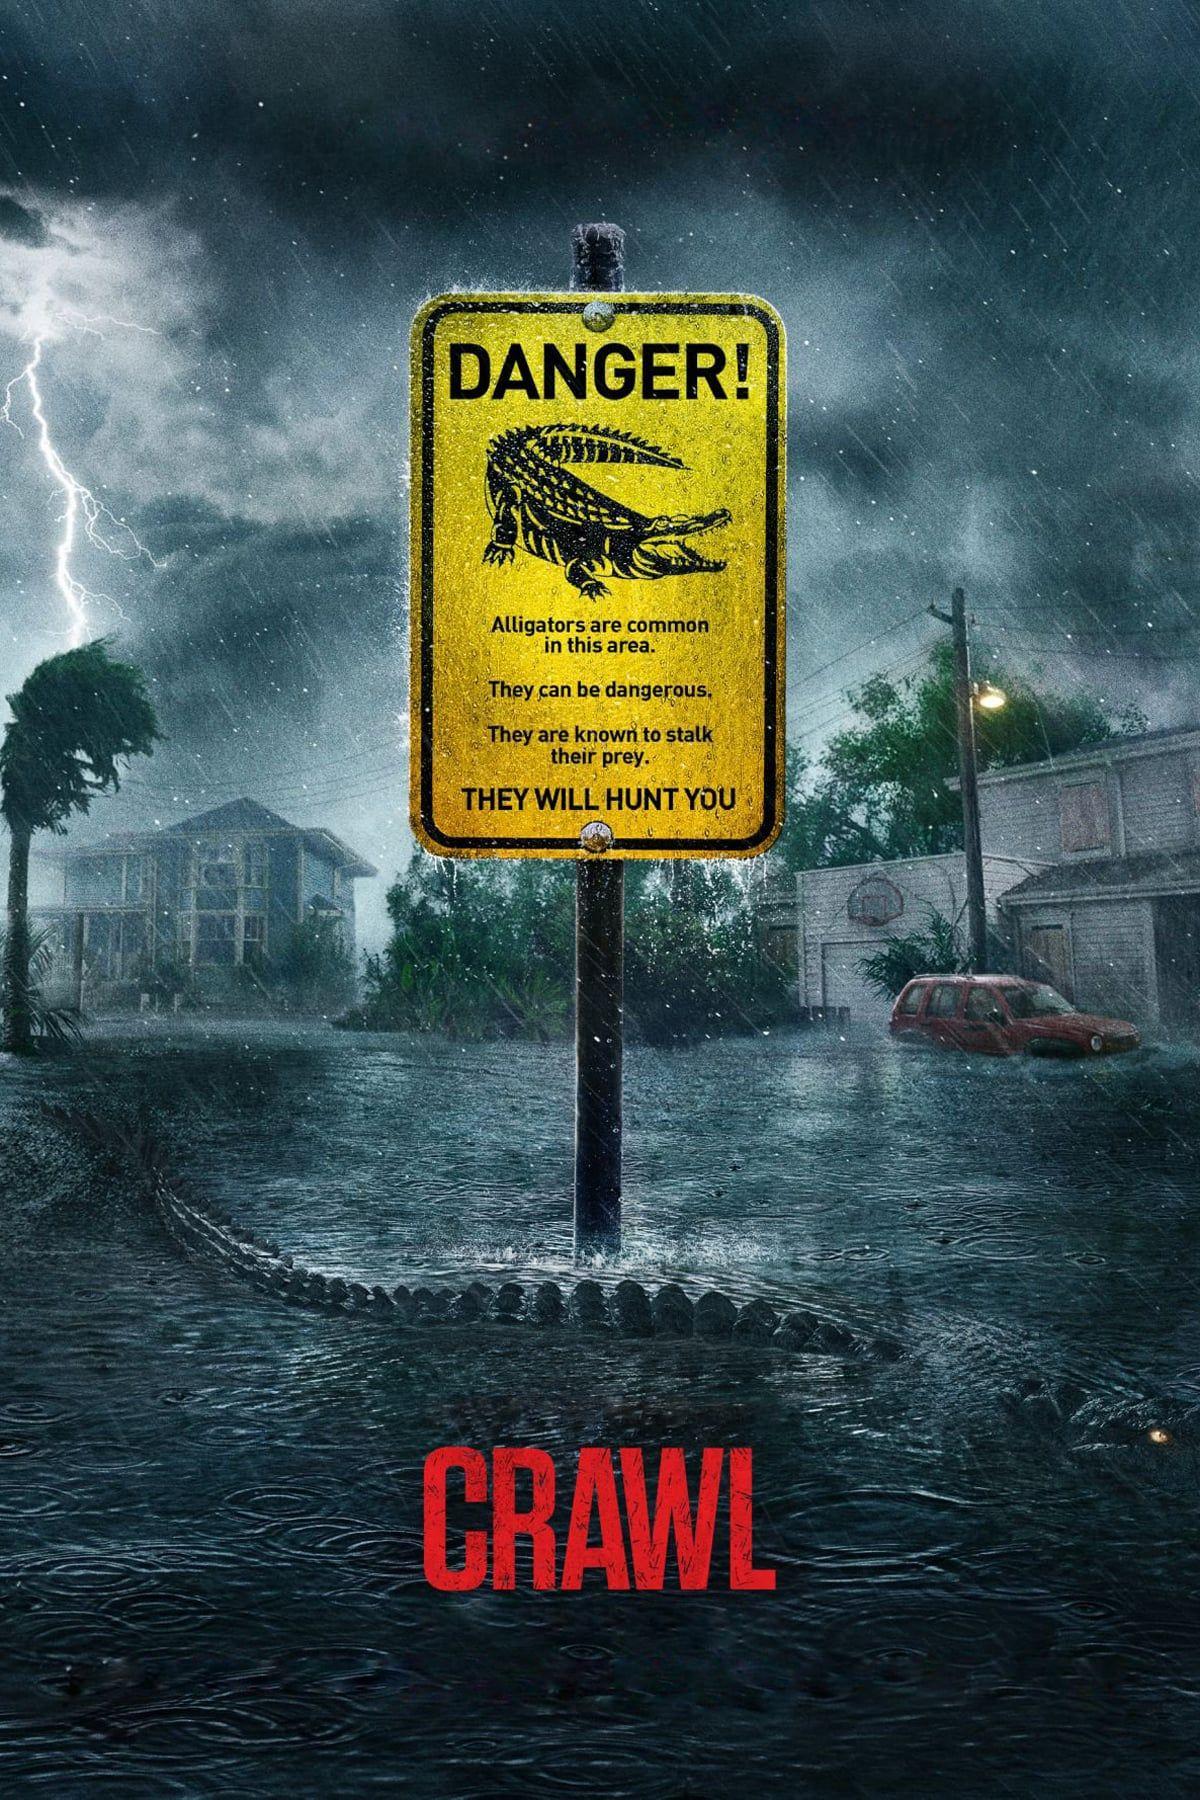 Watch Crawl Full Movie 2019 Películas Completas Ver Películas Películas De Miedo